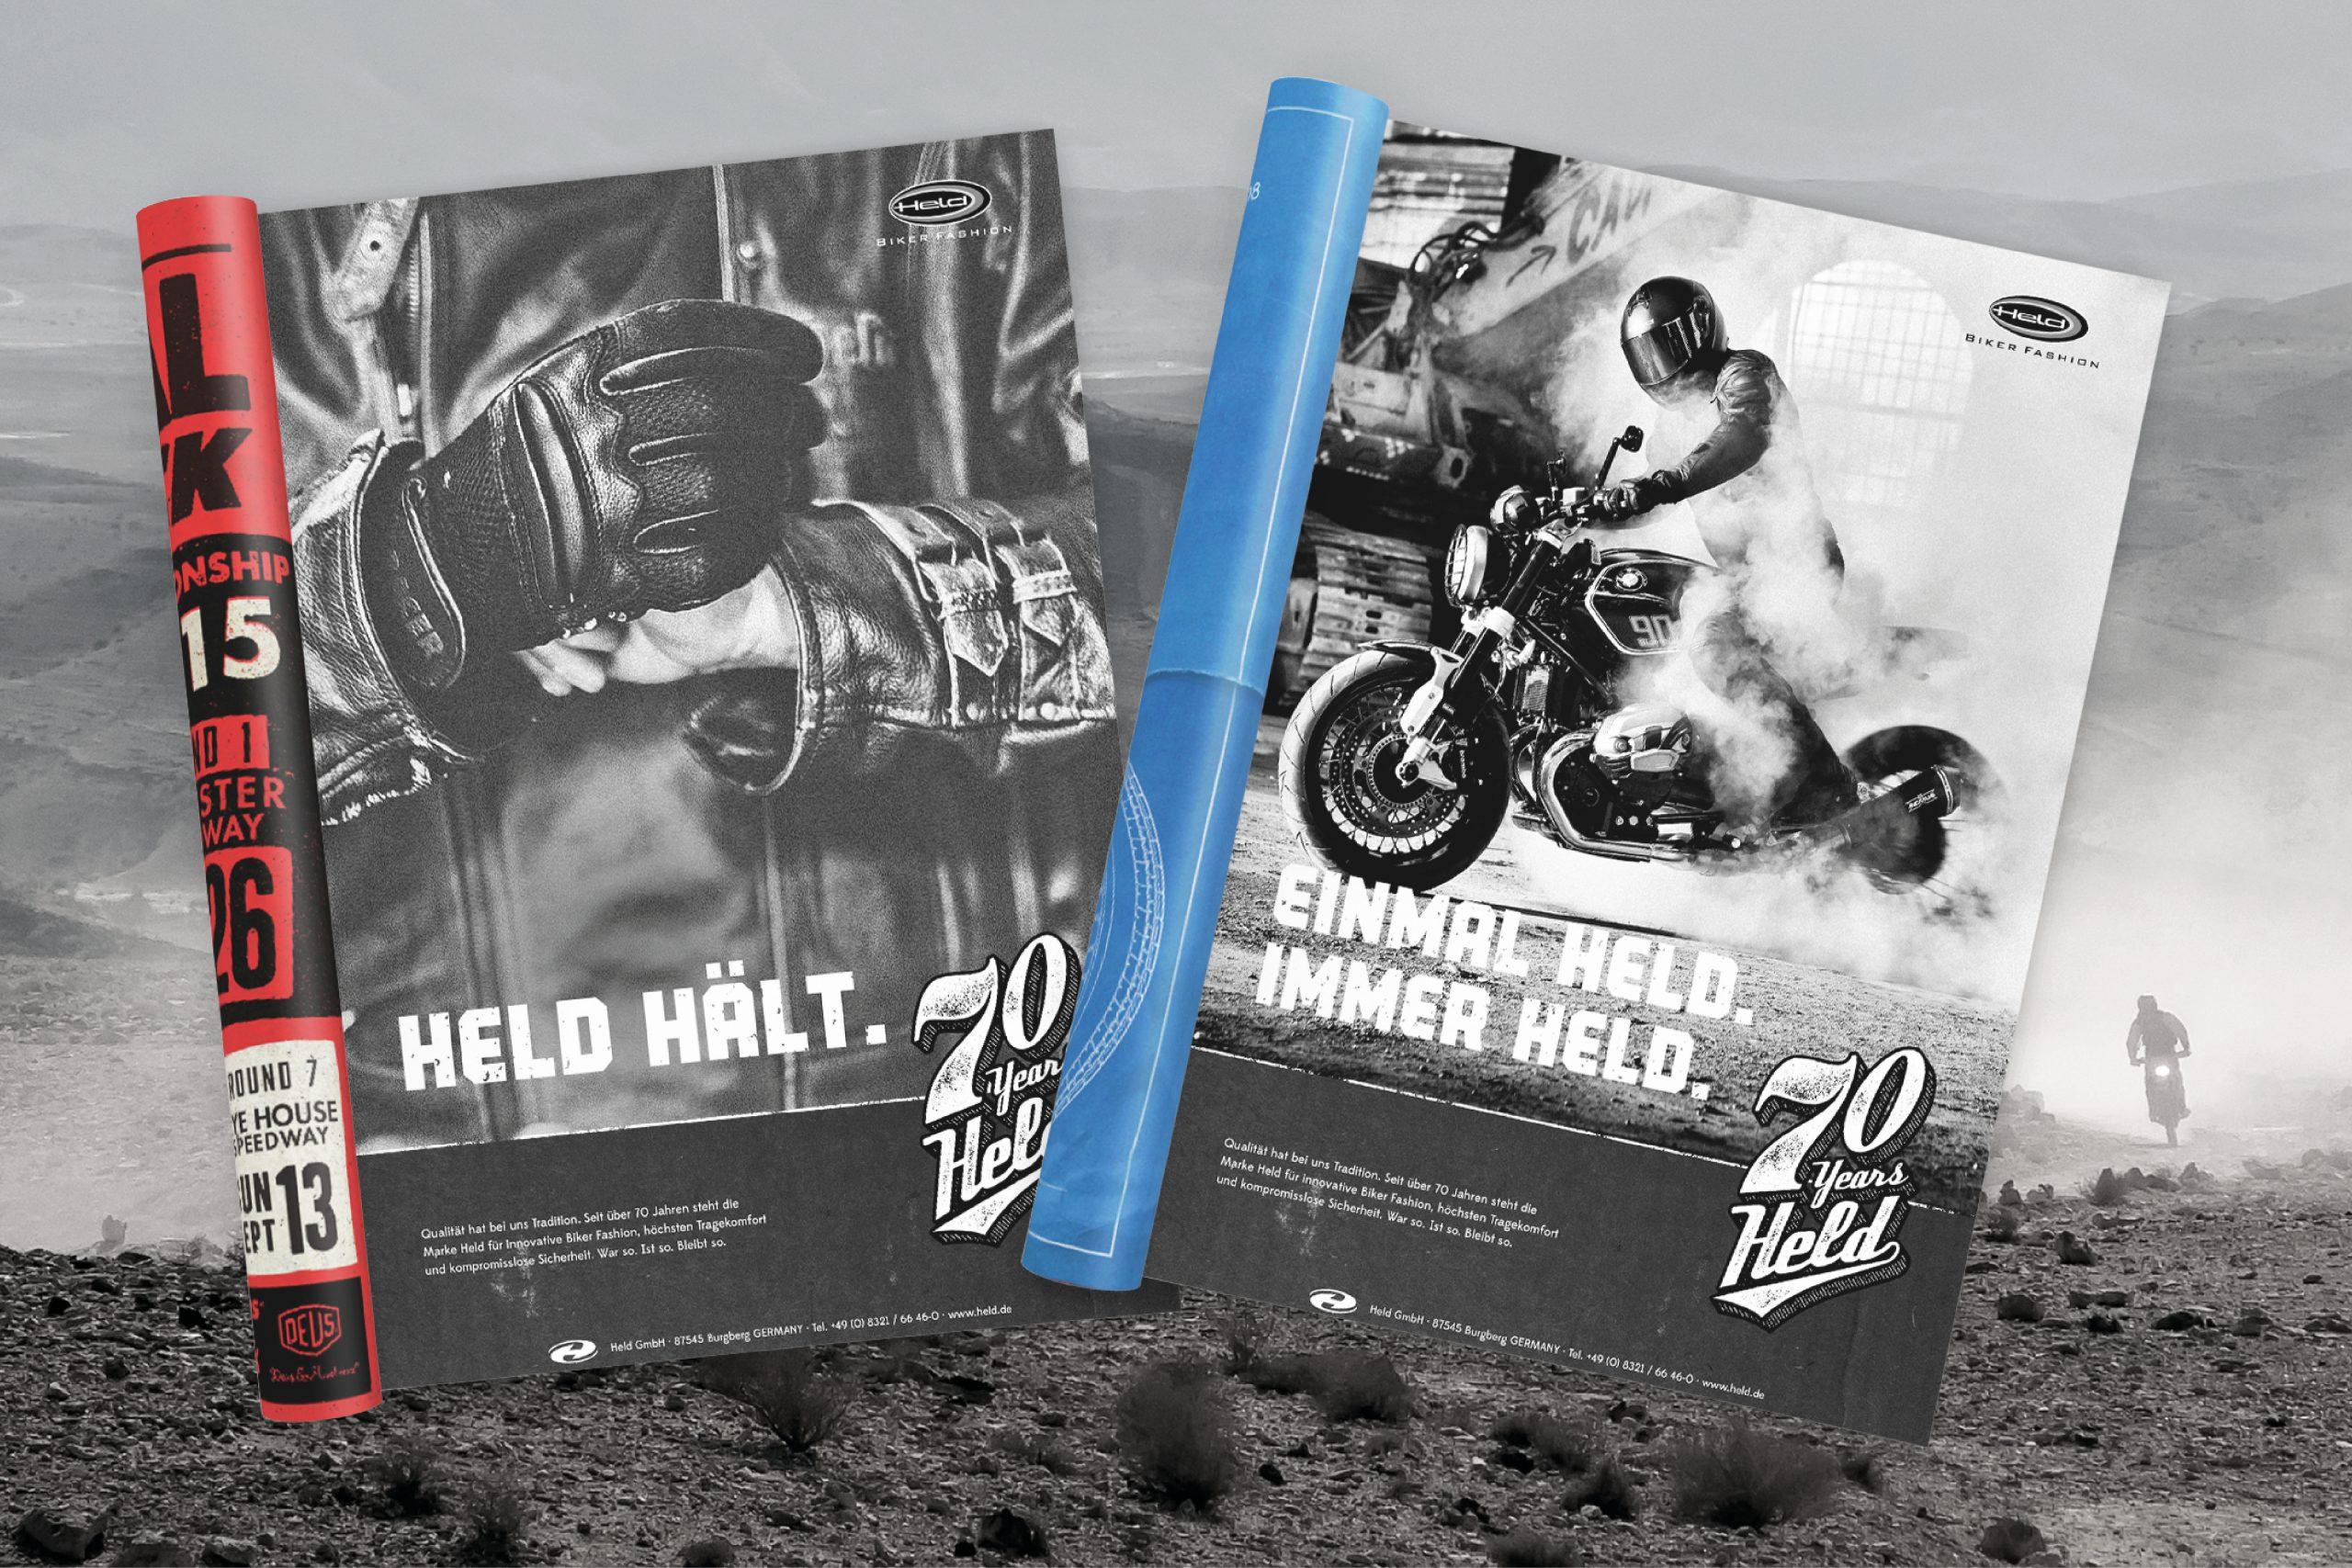 held_bikerfashion_cd_Anzeigen_70_jahre_held_by_majormajor